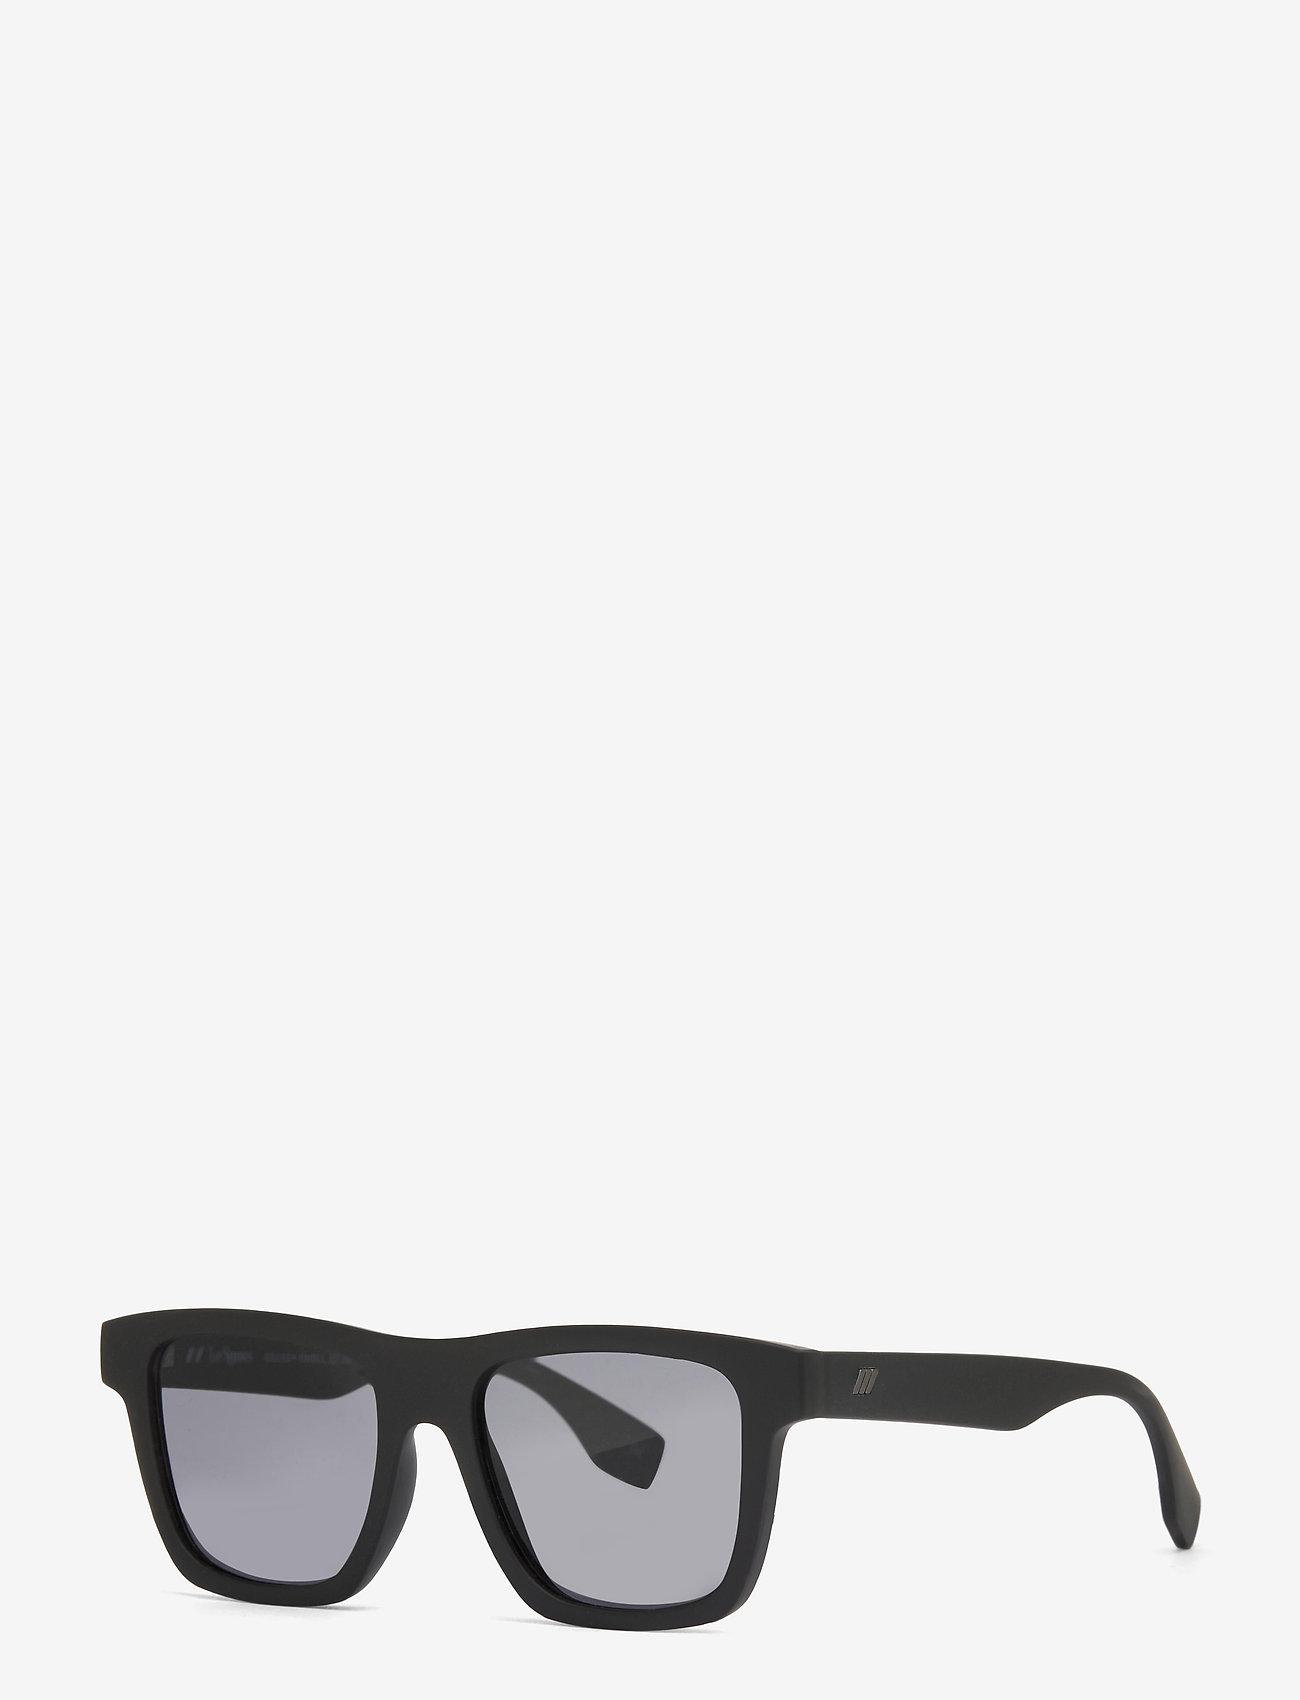 Le Specs - LE SUSTAIN - GRASSY KNOLL - d-vormige - black grass w/ smoke mono lens - 1